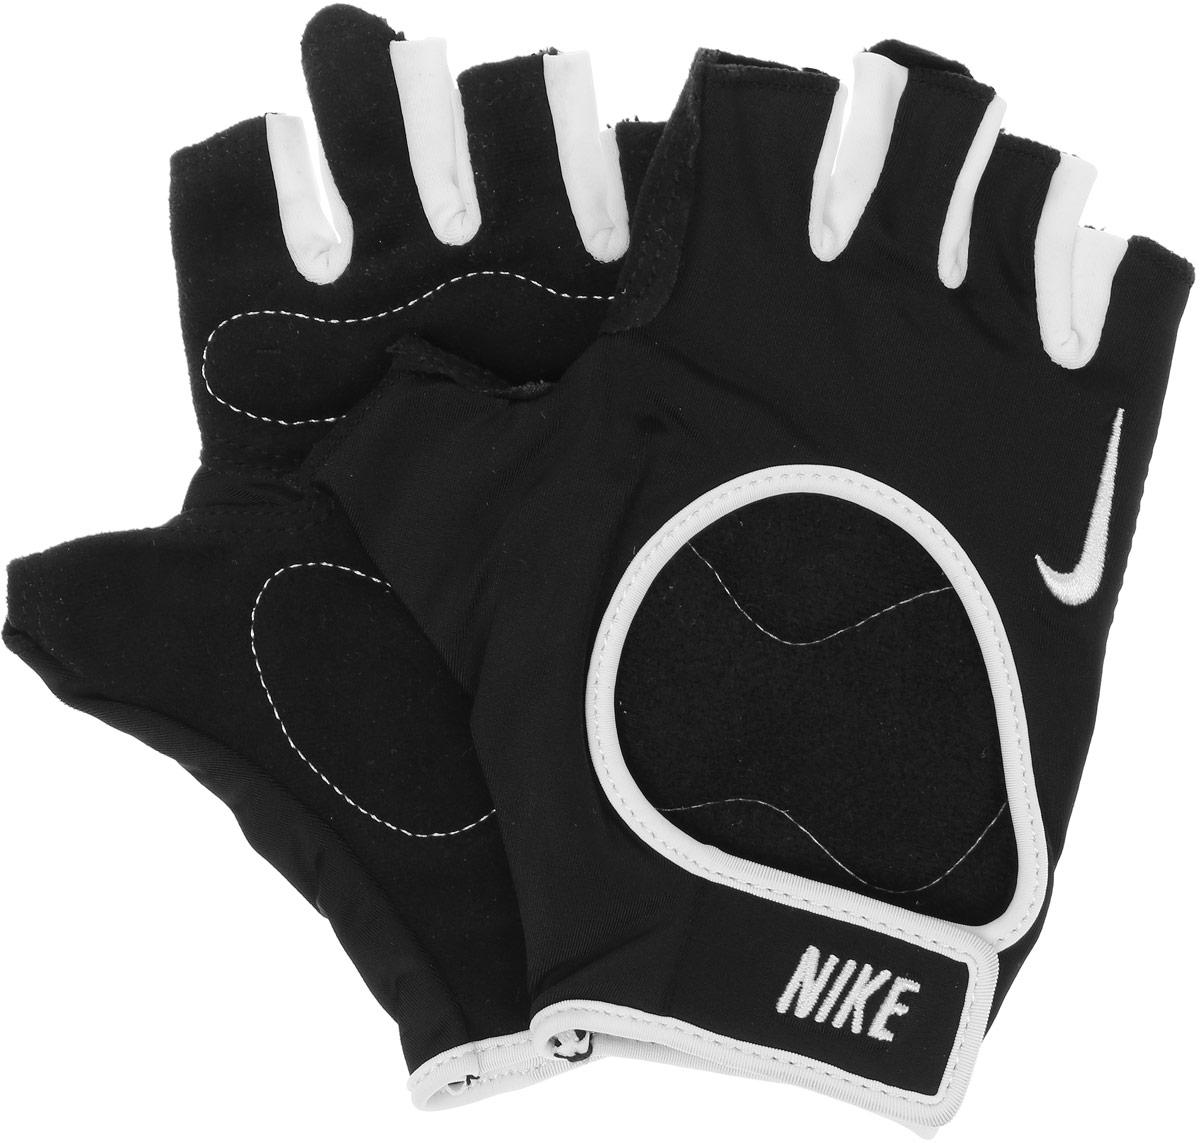 Перчатки для фитнеса женские Nike, цвет: черный, белый. Размер M nike перчатки для фитнеса женские nike